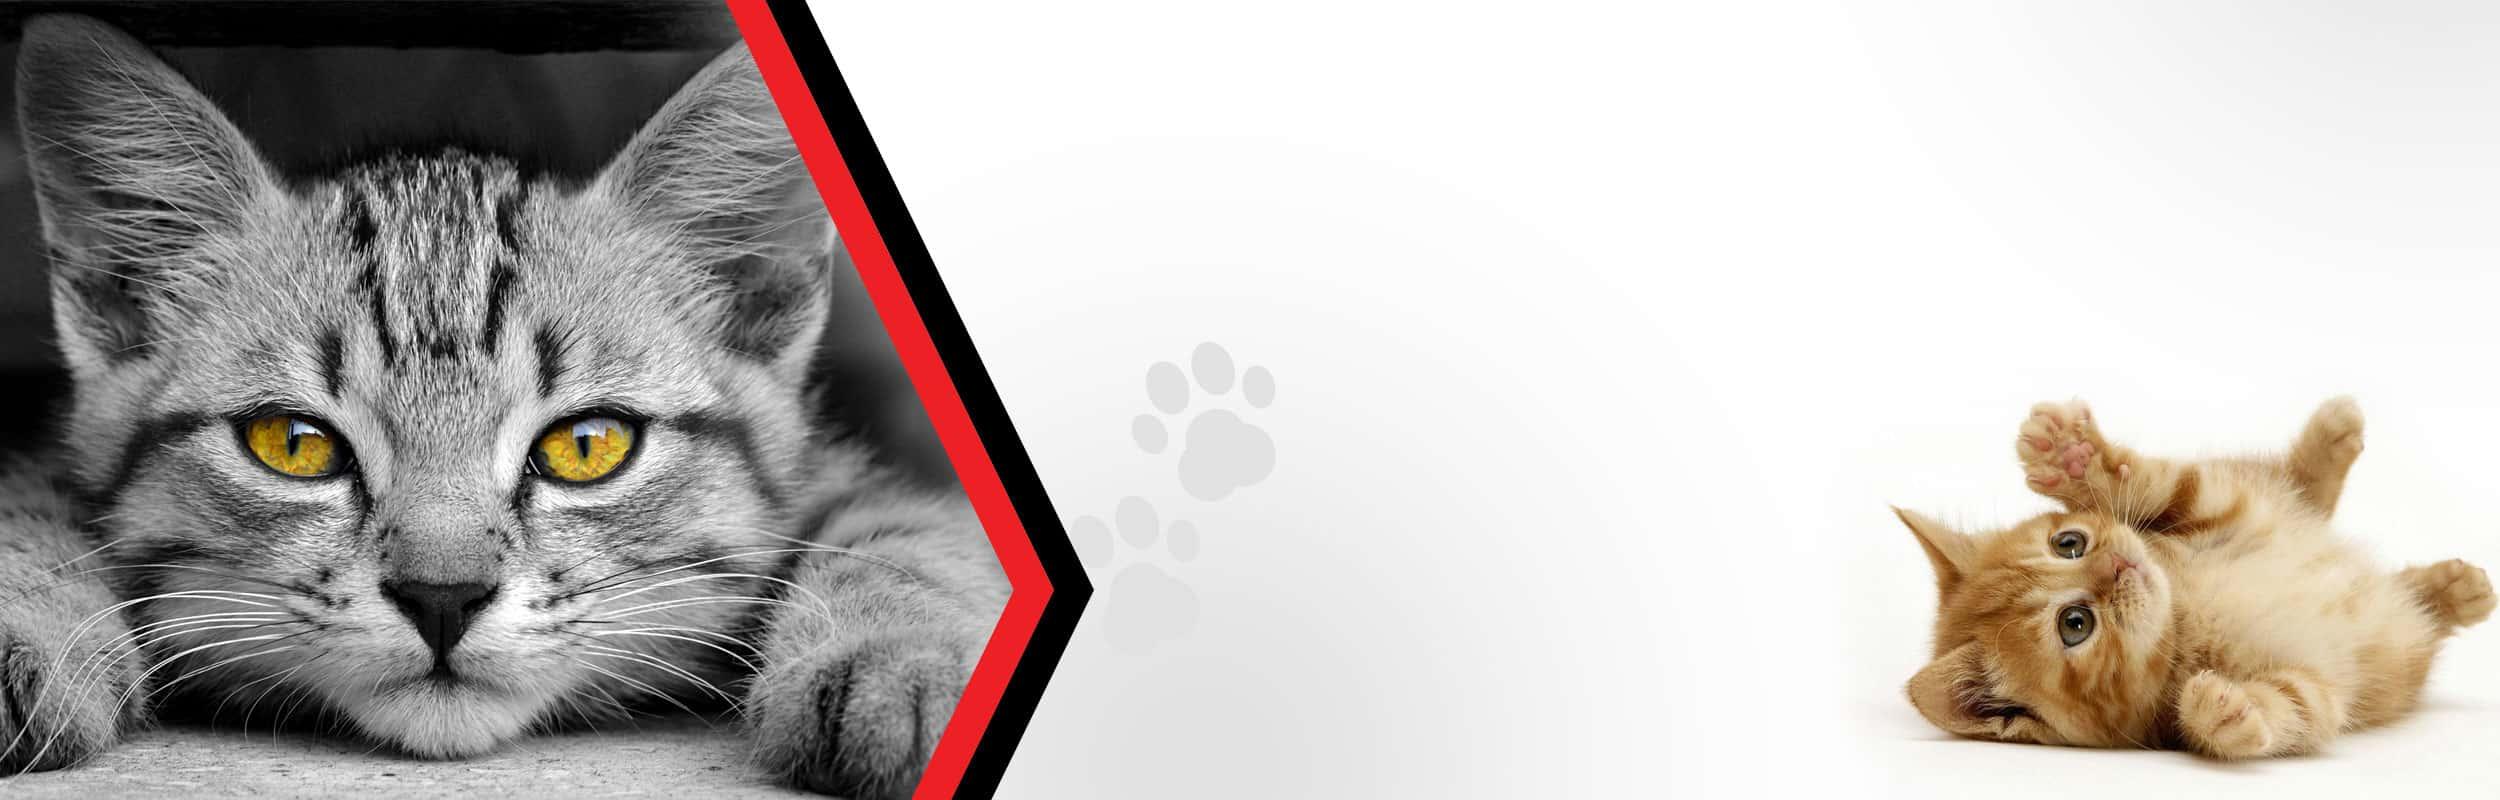 Adopcje kotów